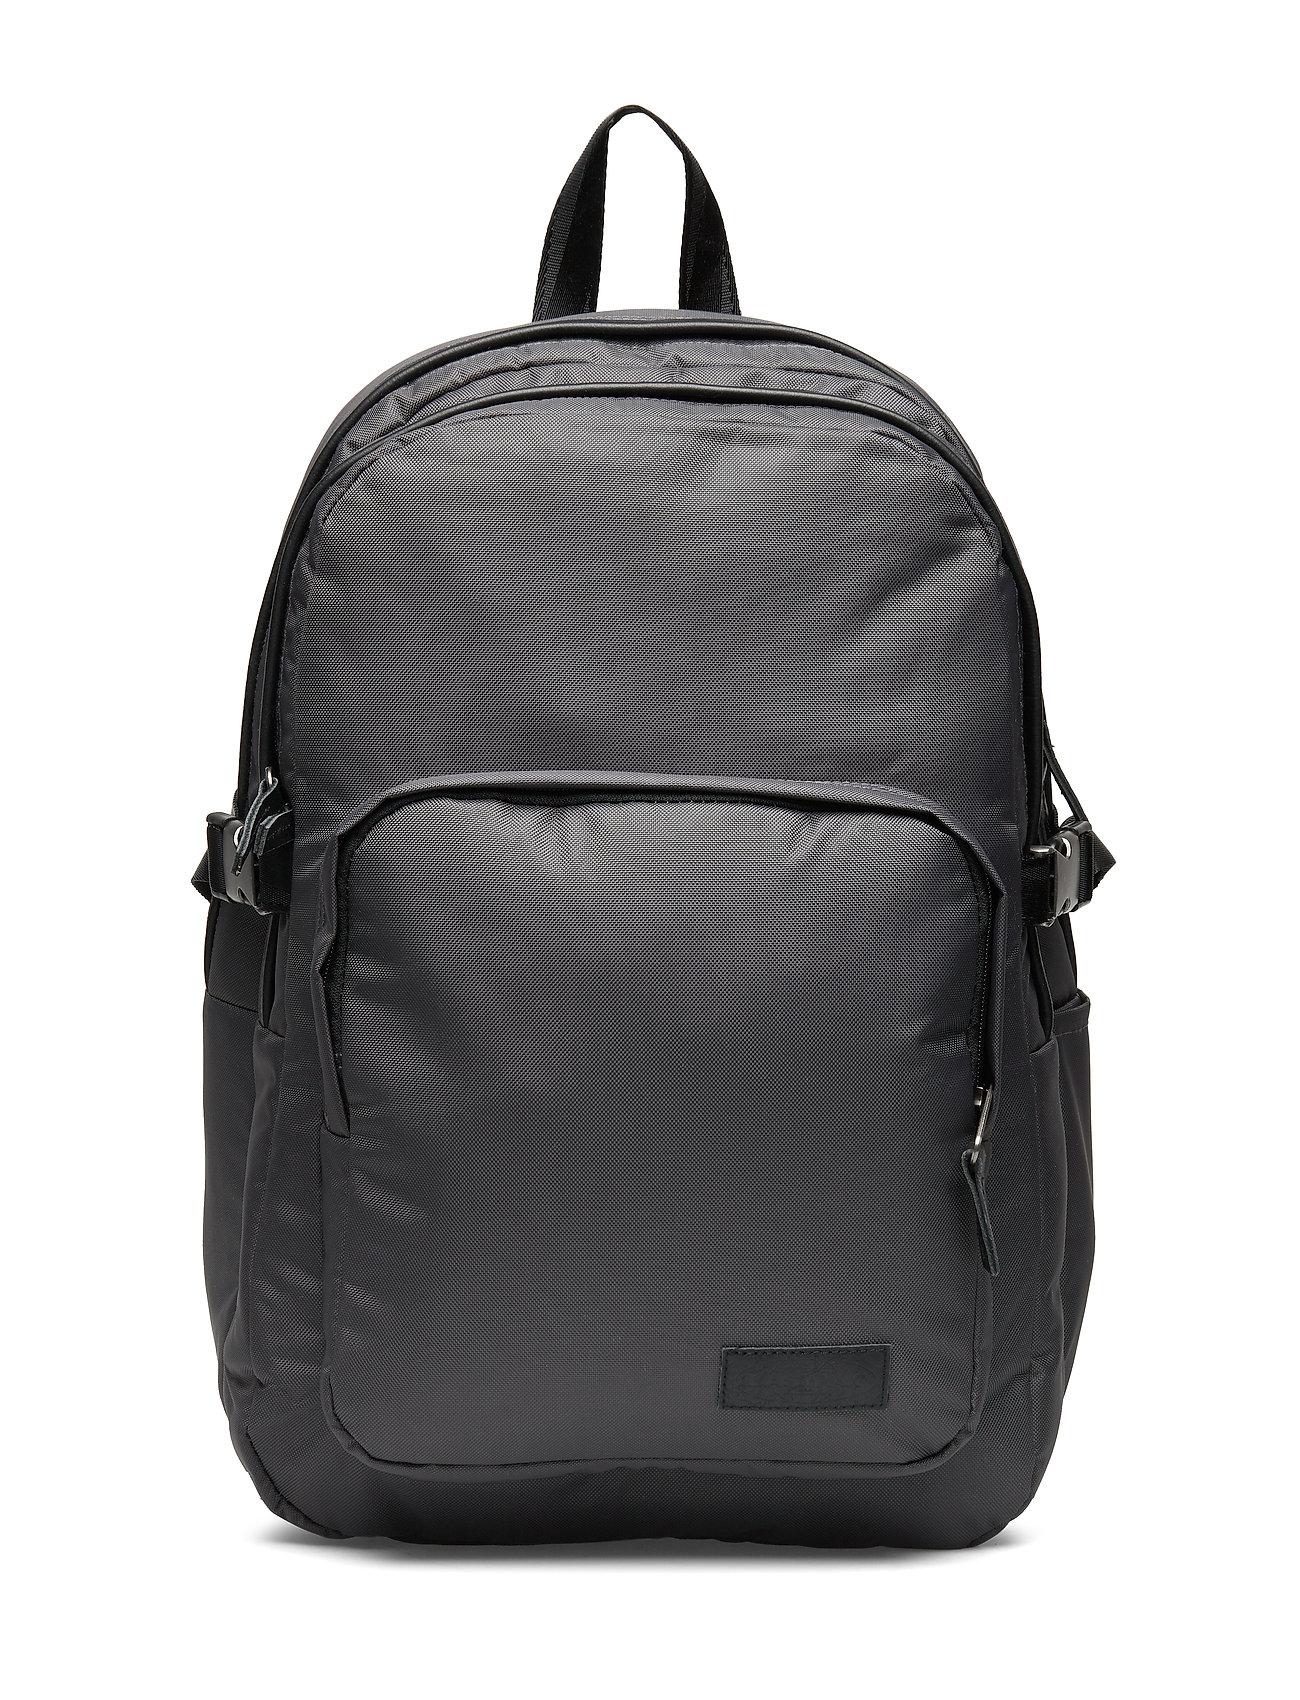 EASTPAK Provider Accessories Backpacks Schwarz EASTPAK